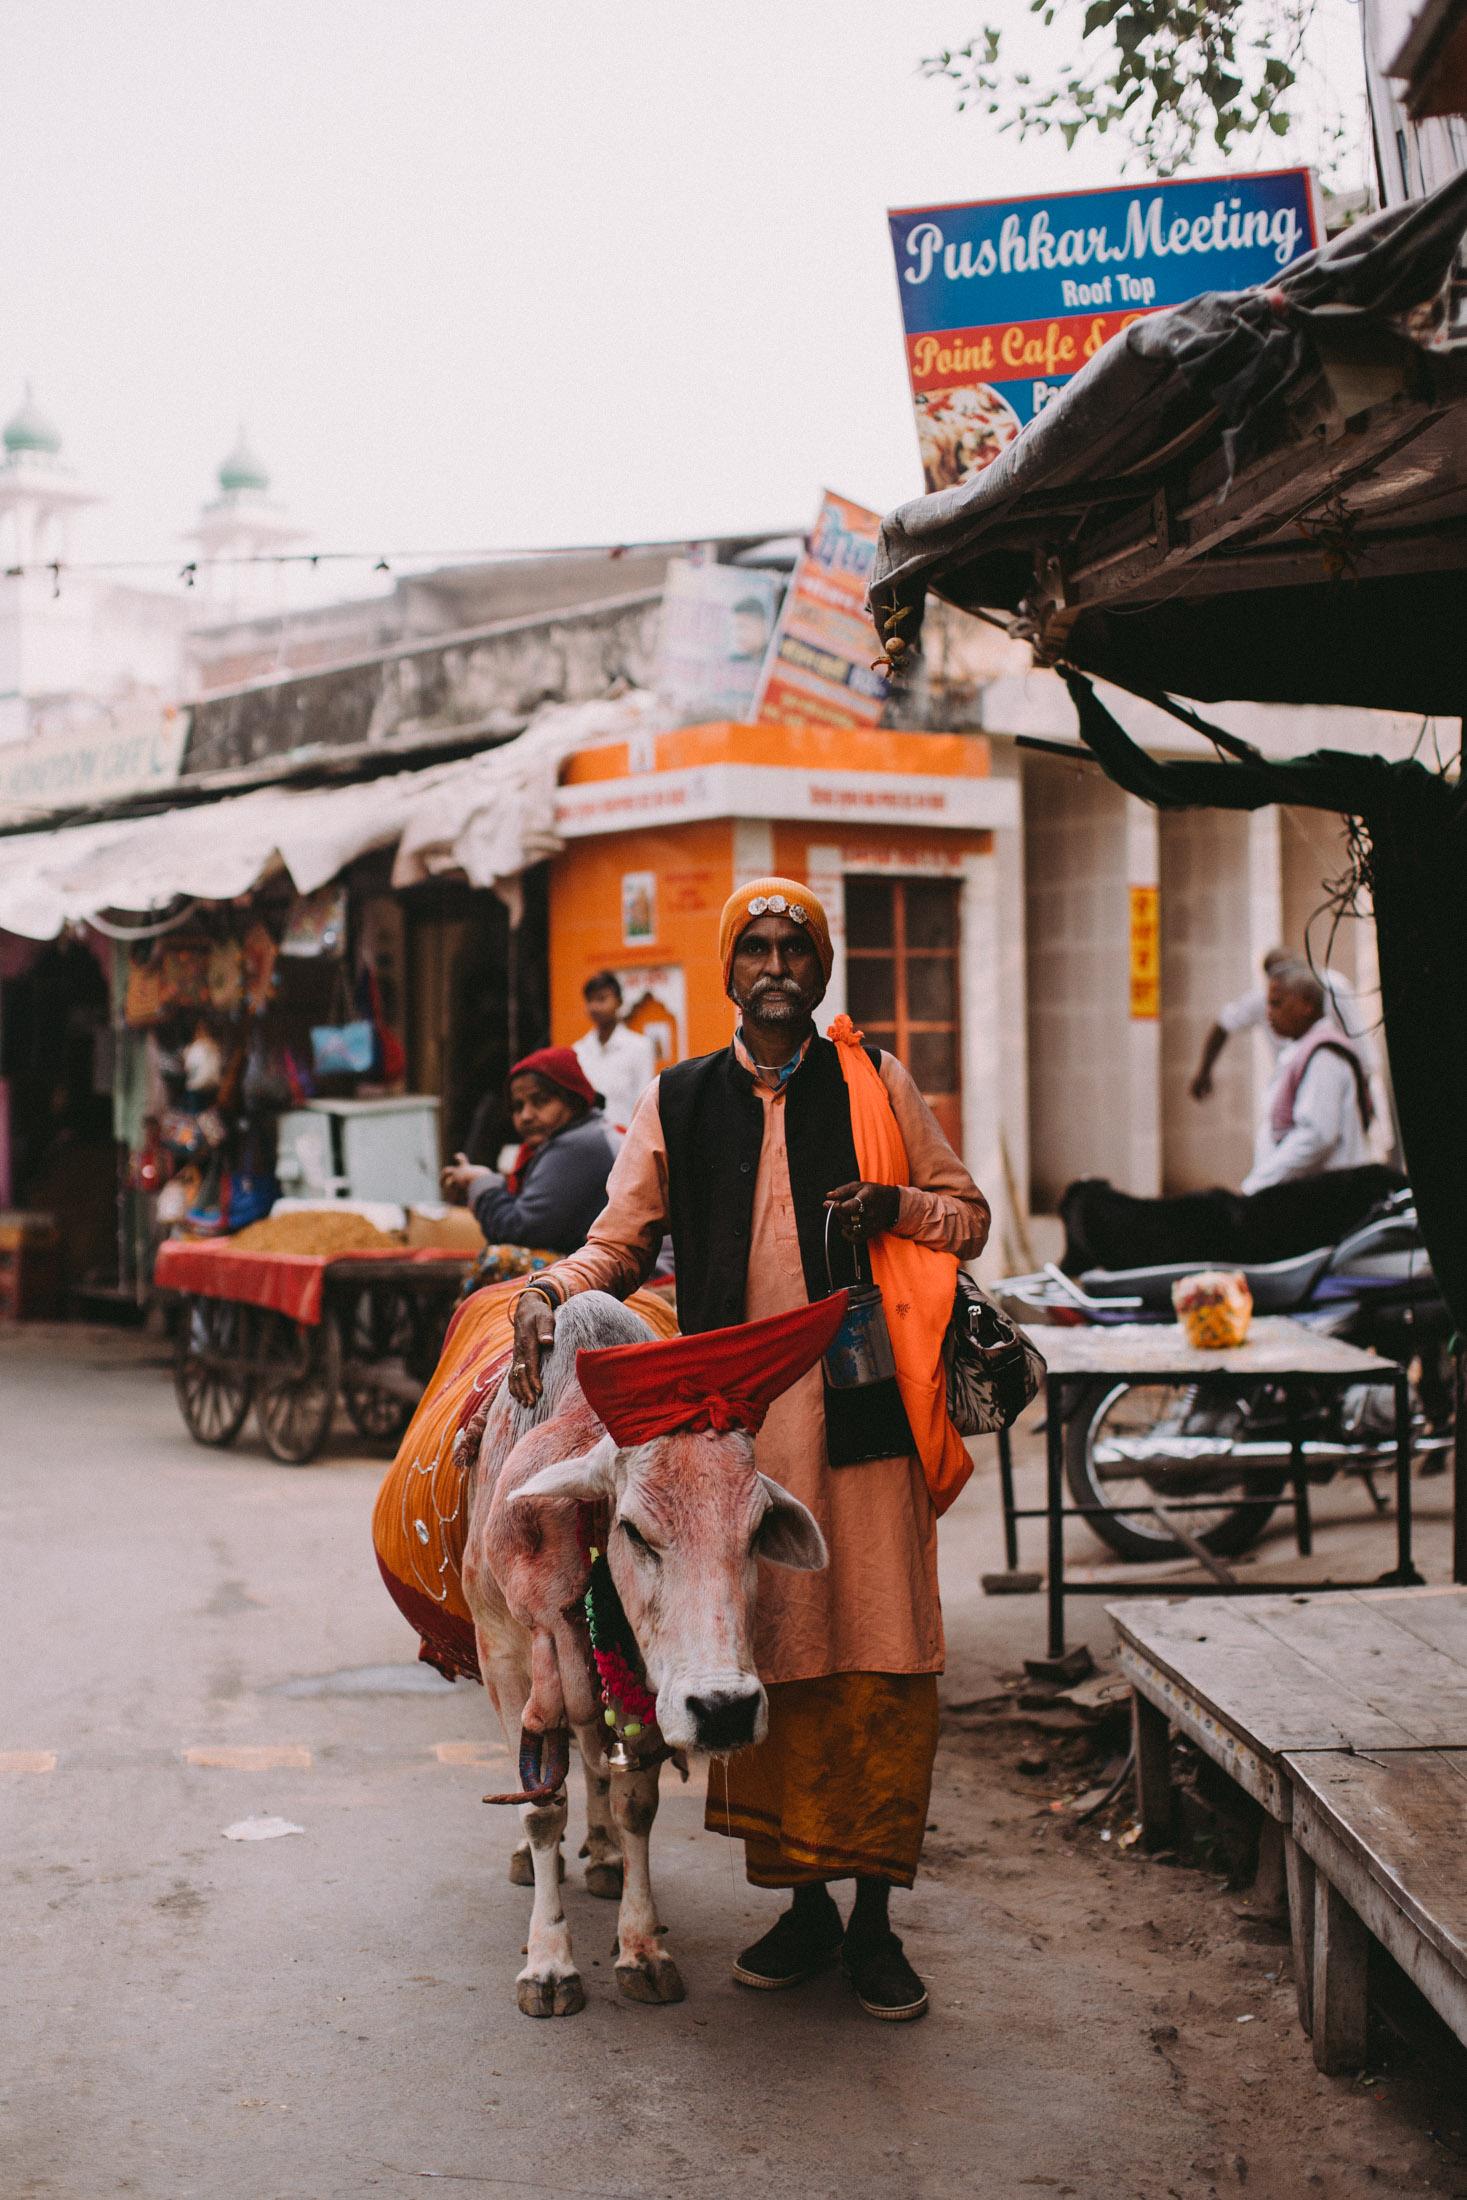 Pushkar Nov 2017-Dean Raphael Photography-17.jpg